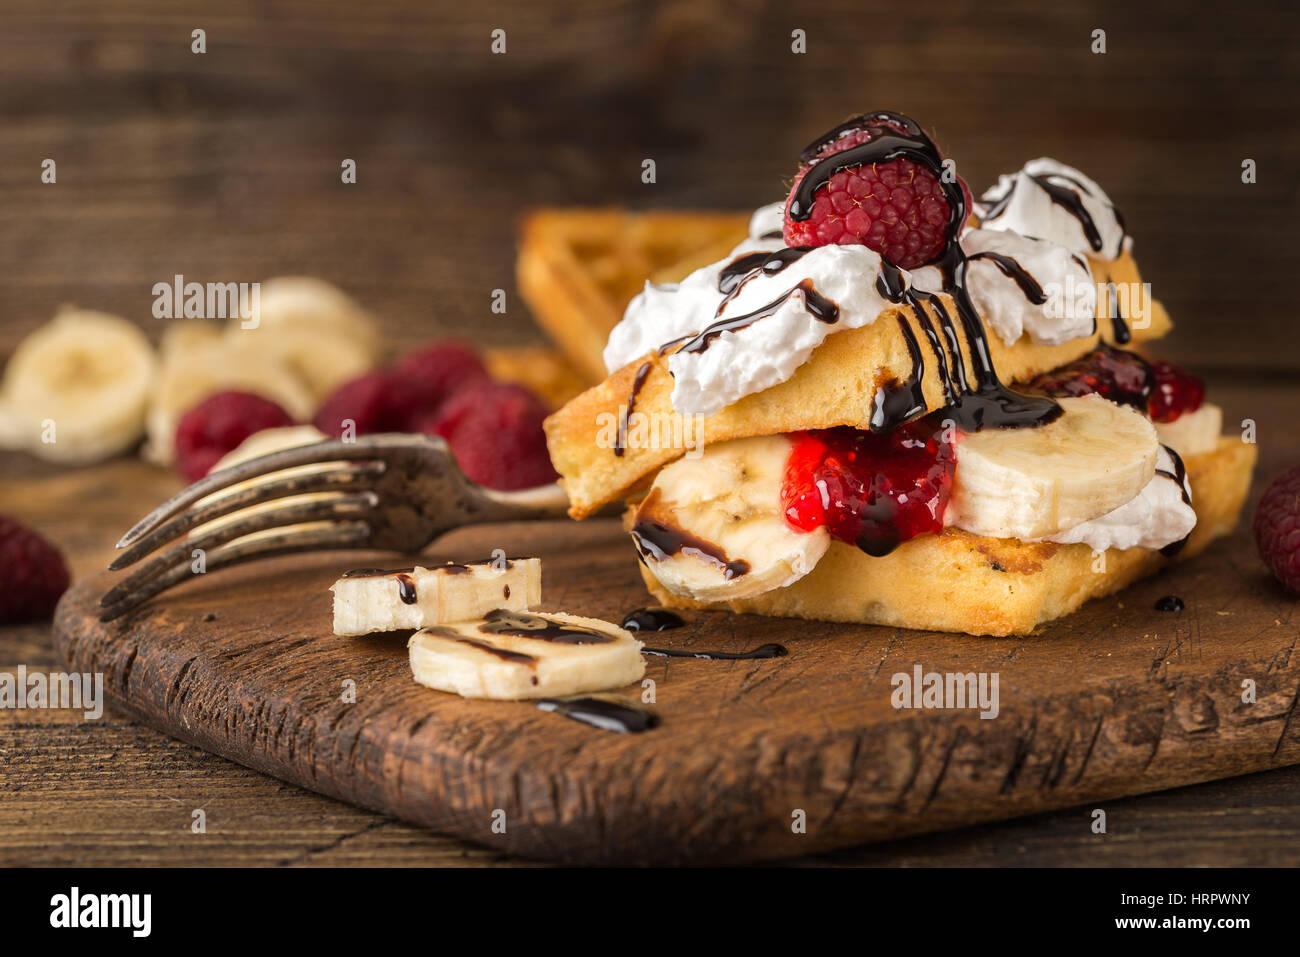 Belgische Waffeln mit Himbeeren, Bananen und Sahne auf rustikalen Tisch. Stockbild